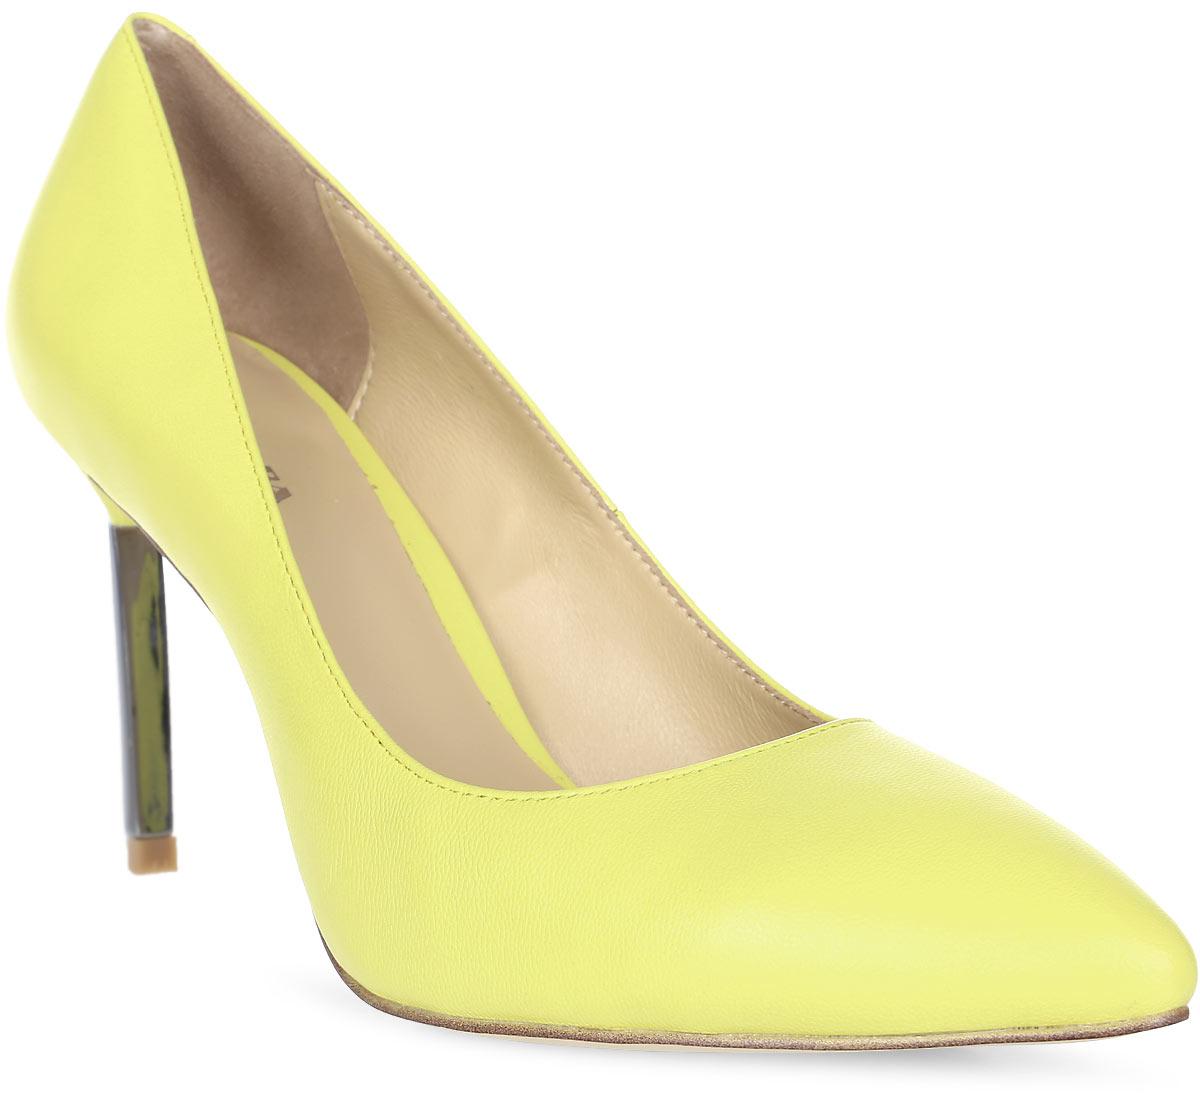 Туфли женские Alba, цвет: желтый. 11190-3-43502/63I S. Размер 3611190-3-43502/63I SЭлегантные туфли-лодочки Alba выполнены из натуральной кожи. Внутренняя поверхность и стелька из натуральной кожи обеспечат комфорт при движении. Подошва выполнена из резины. Модель имеет острый мысок и каблук-шпильку.